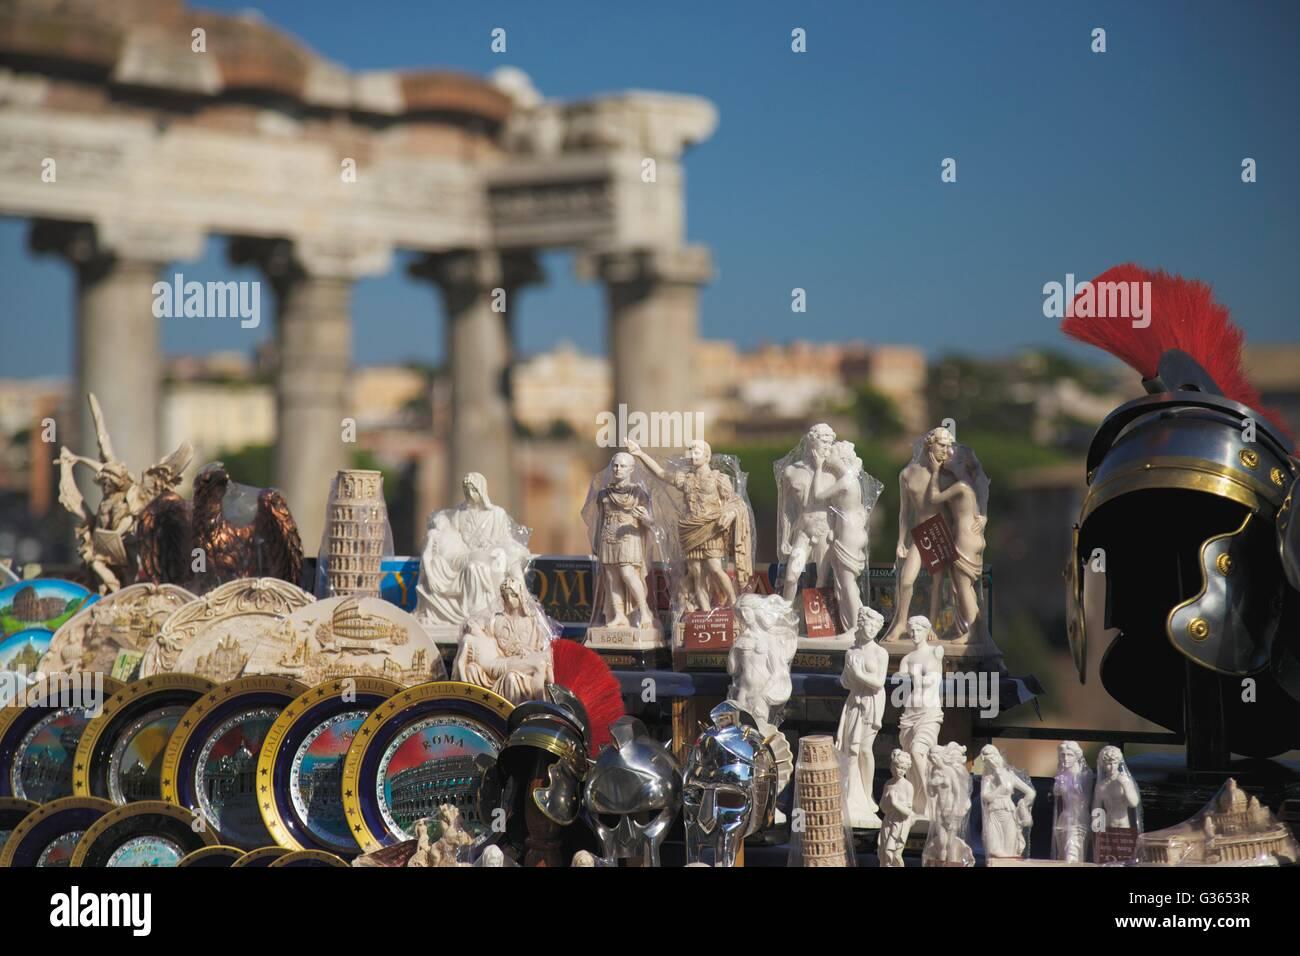 Negozio di souvenir in vendita nel Foro Romano, Roma, Italia, Europa Immagini Stock